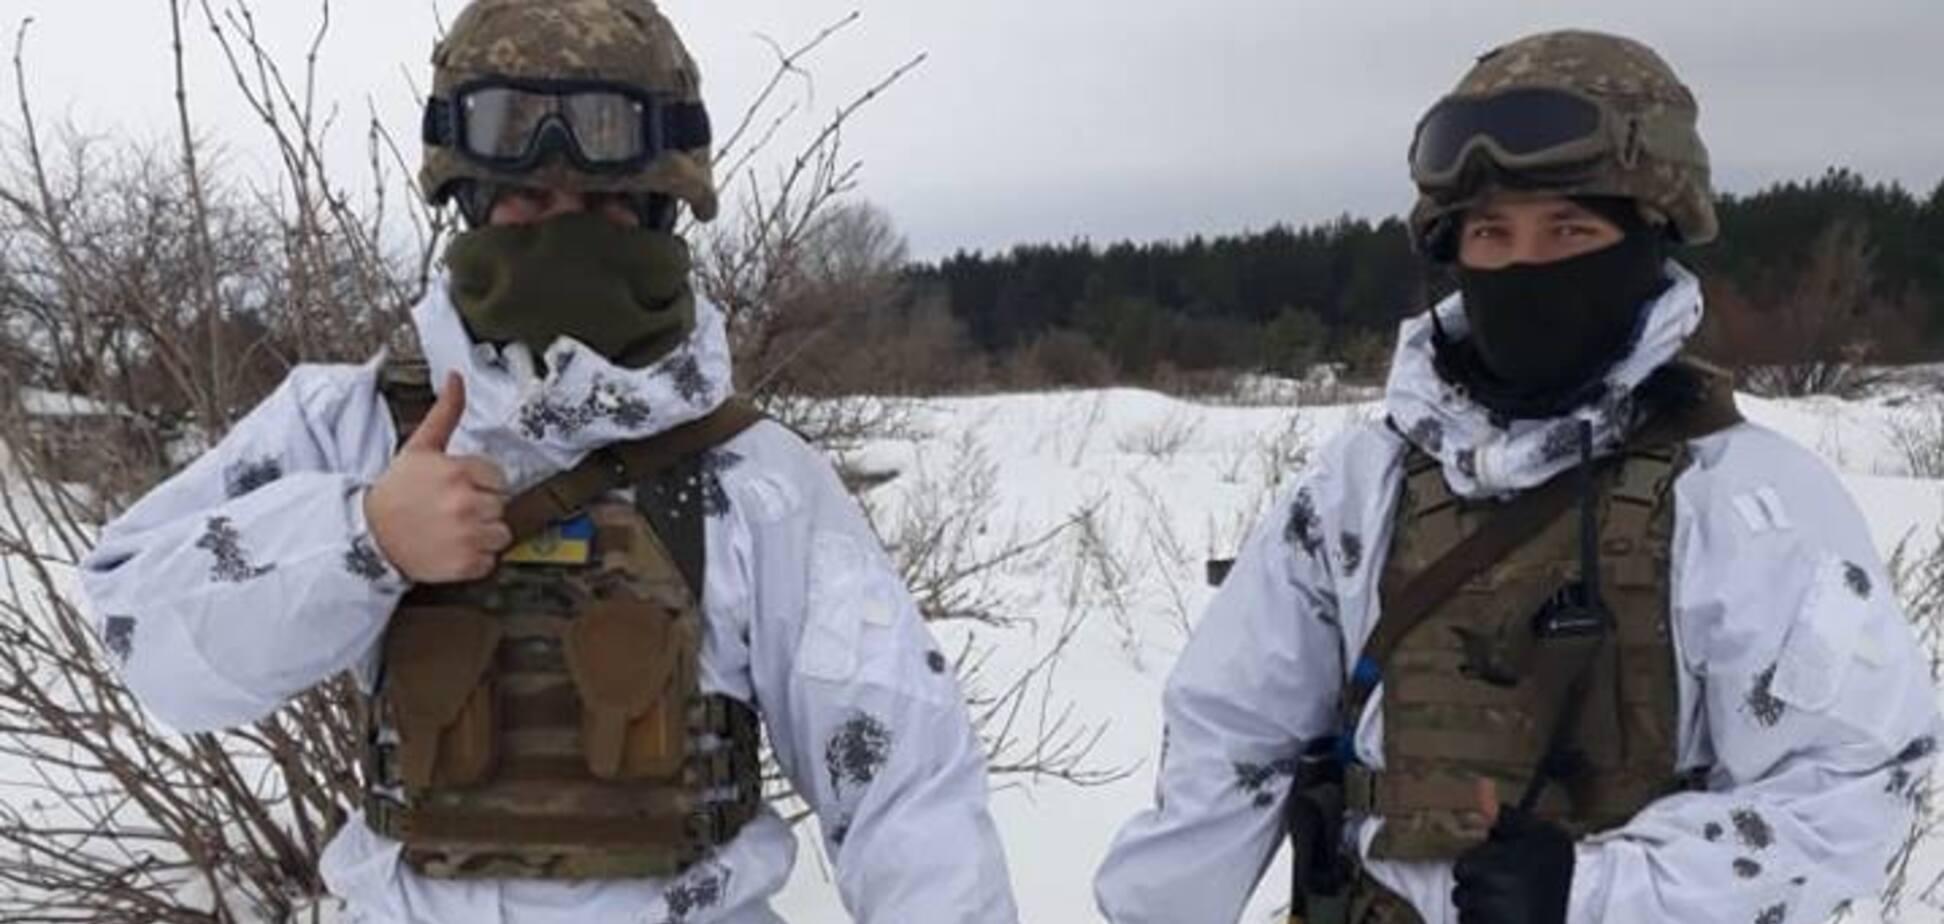 Потужно 'заПТУРили'! Воїн ОС повідомив про грандіозний успіх на Донбасі